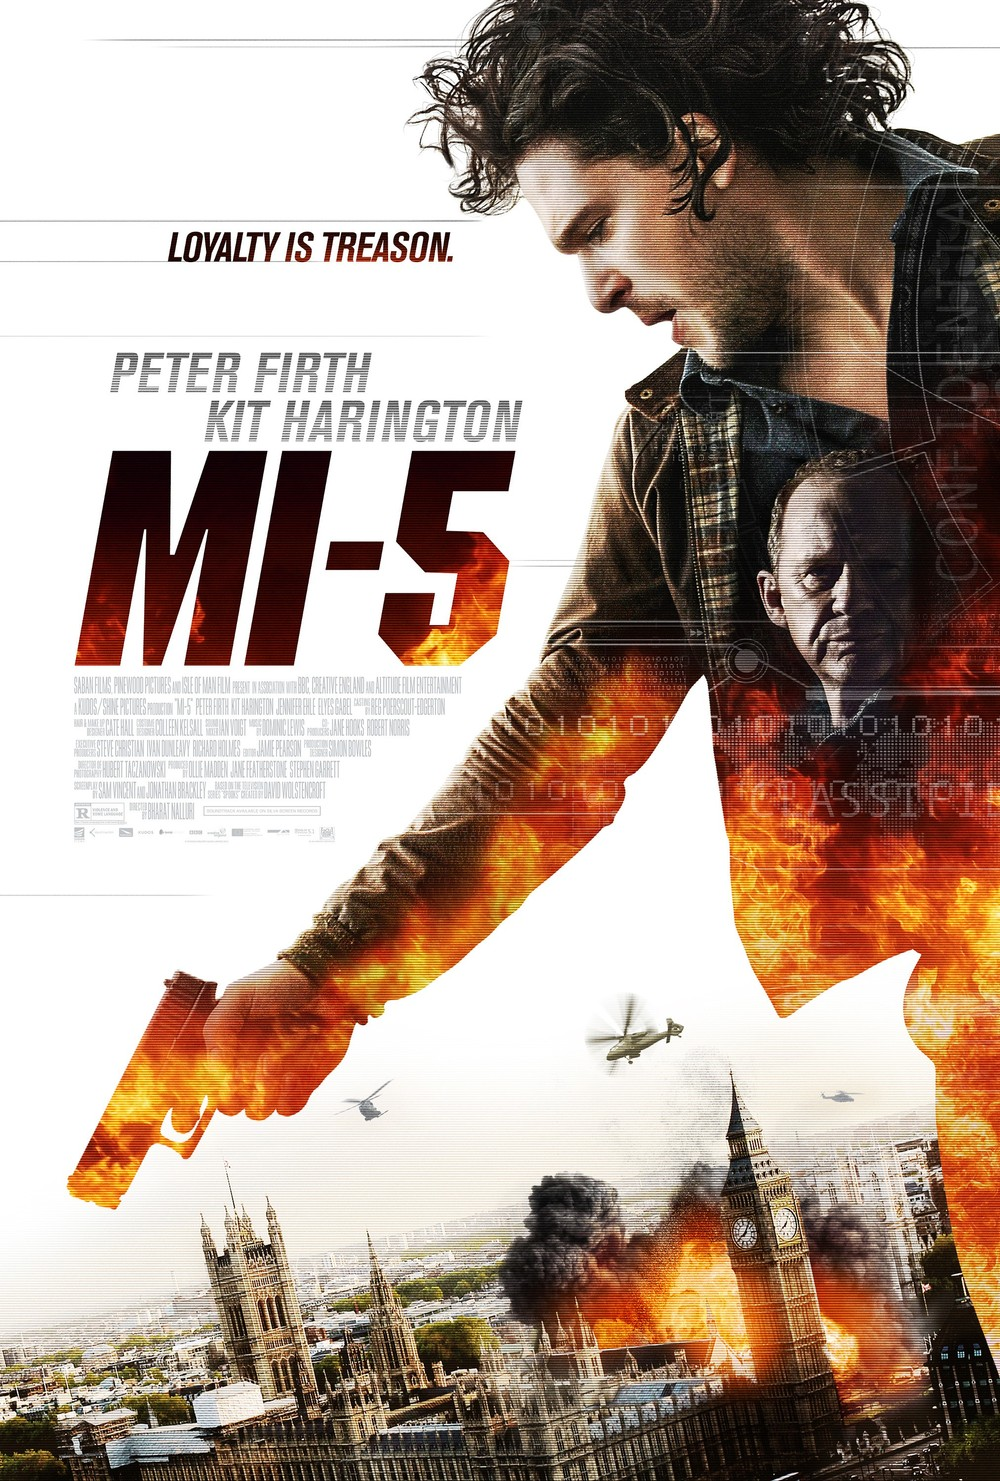 MI-5 DVD Release Date   Redbox, Netflix, iTunes, Amazon